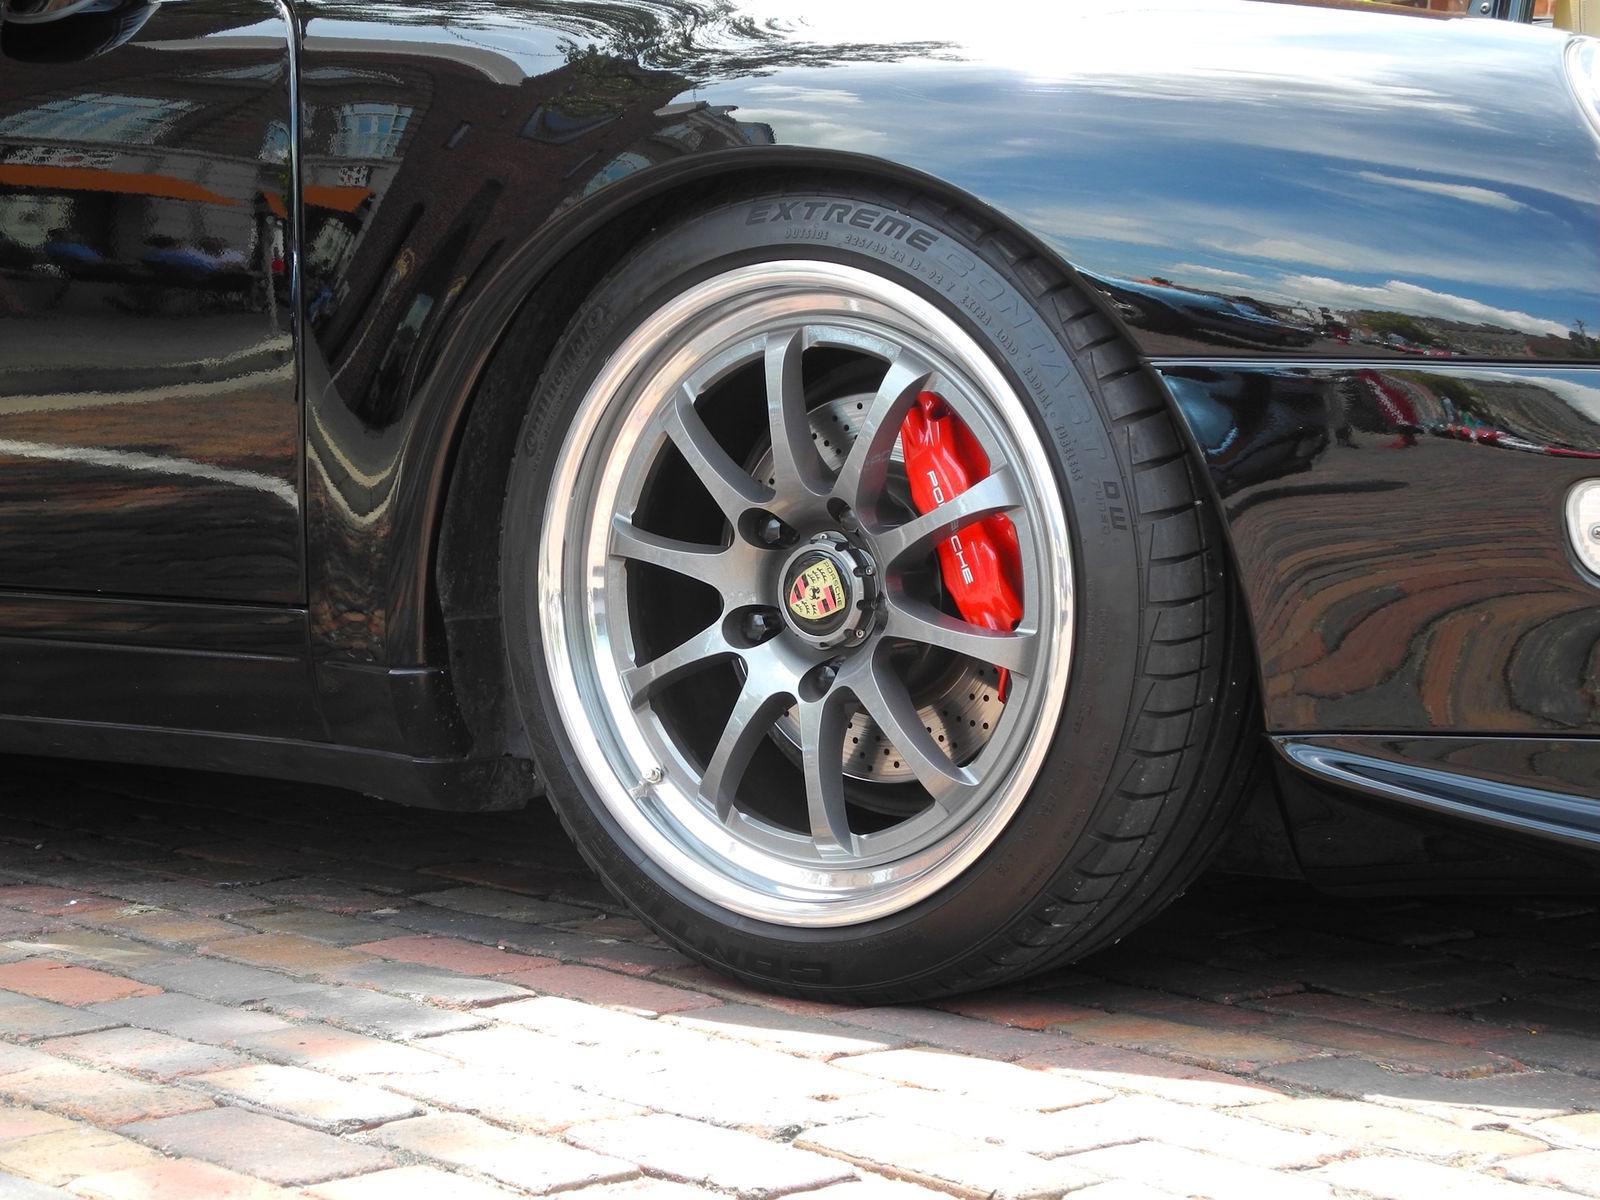 1996 Porsche 911 | Porsche 993 Targa on Forgeline ZX3R Wheels